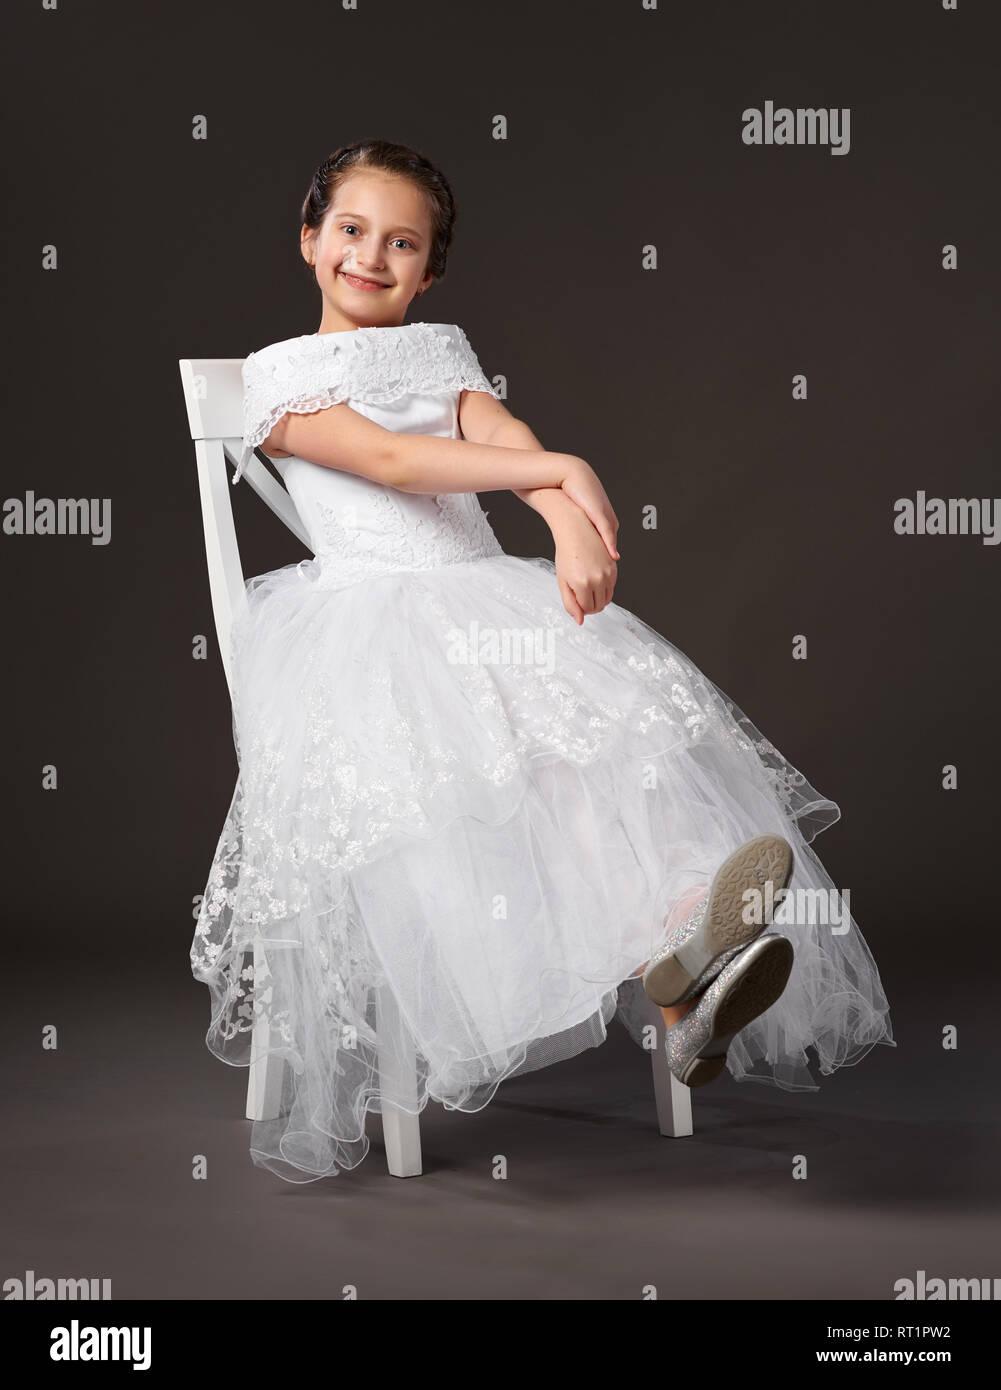 8878213d0 Niña vestida de un vestido blanco y sentado en la silla